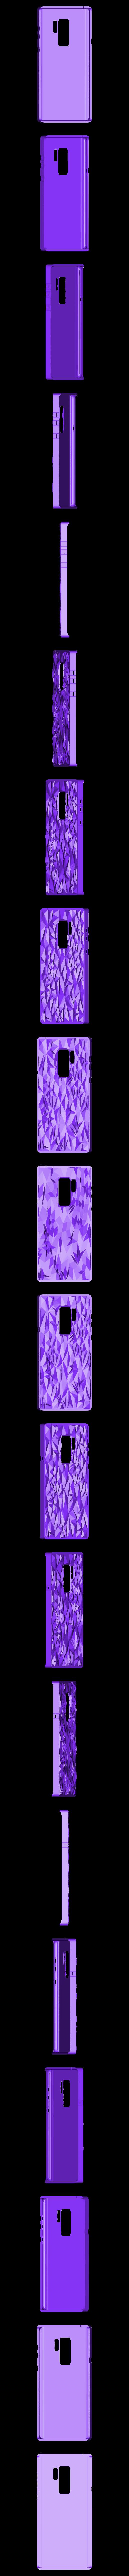 s9_case.stl Télécharger fichier STL gratuit Affaire Voronoi S9+ • Modèle pour imprimante 3D, kotzas